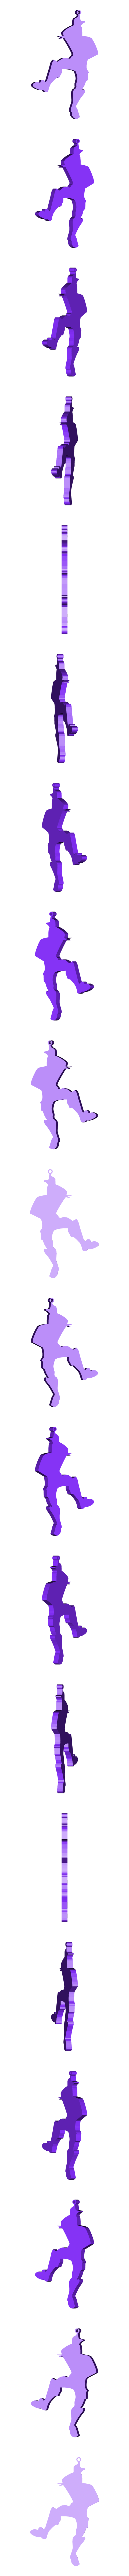 LARGATE, PRINGAO (TAKE THE L).stl Télécharger fichier STL gratuit PRENDRE LE PORTE-CLÉS L - FORTNITE DANCE • Design pour imprimante 3D, MagnusBee